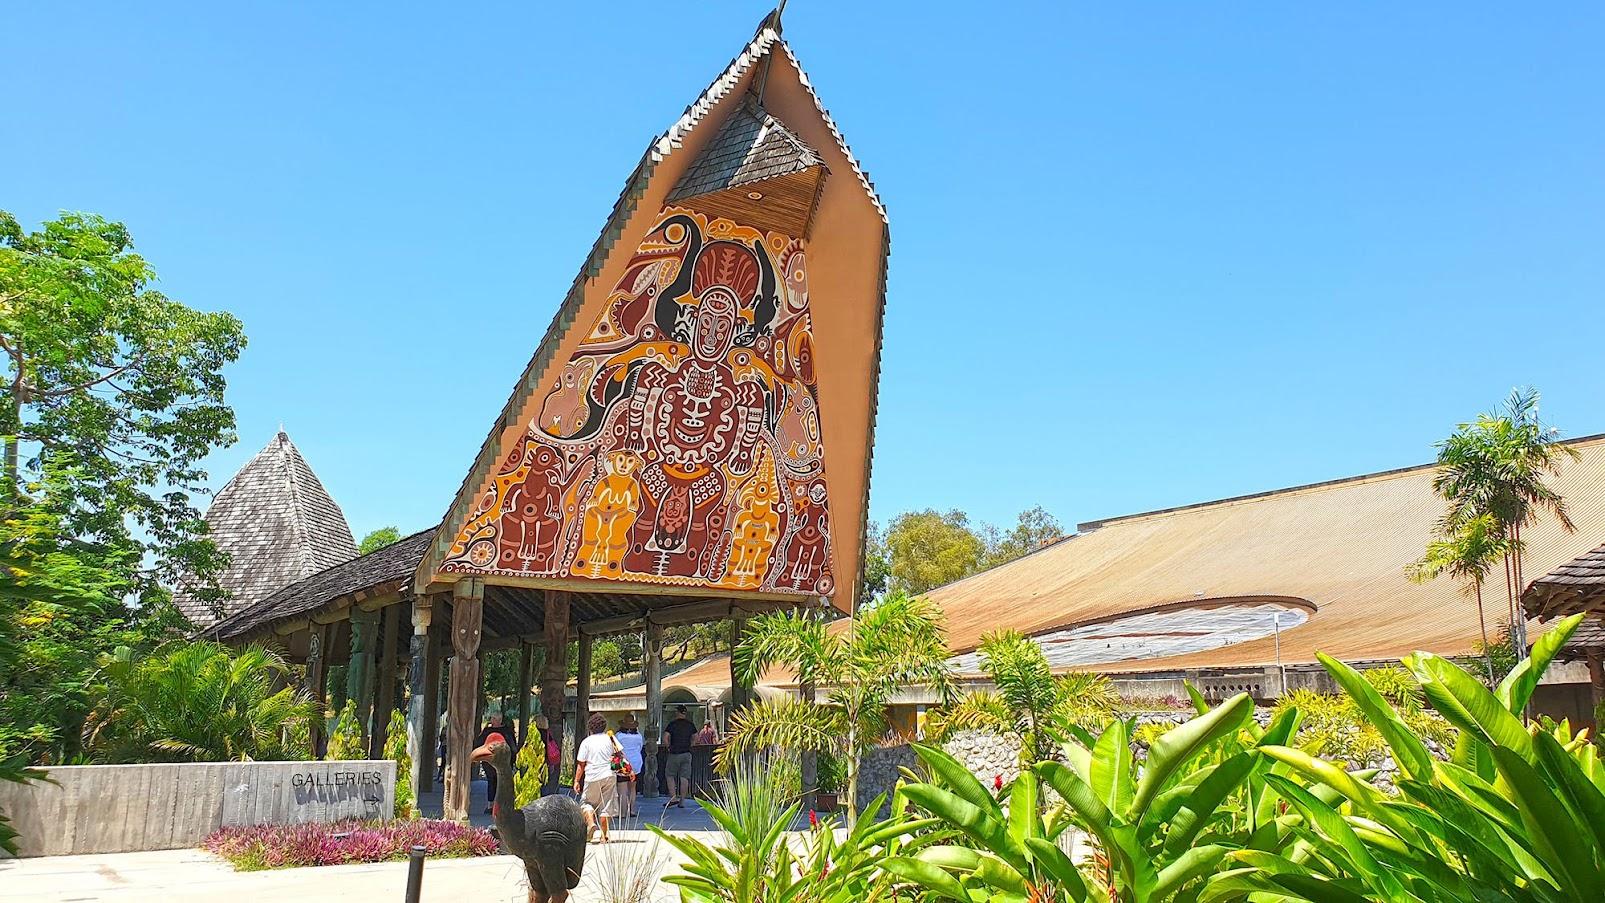 Dia 152 - Visitar PORT MORESBY, a capital da Papua Nova Guiné